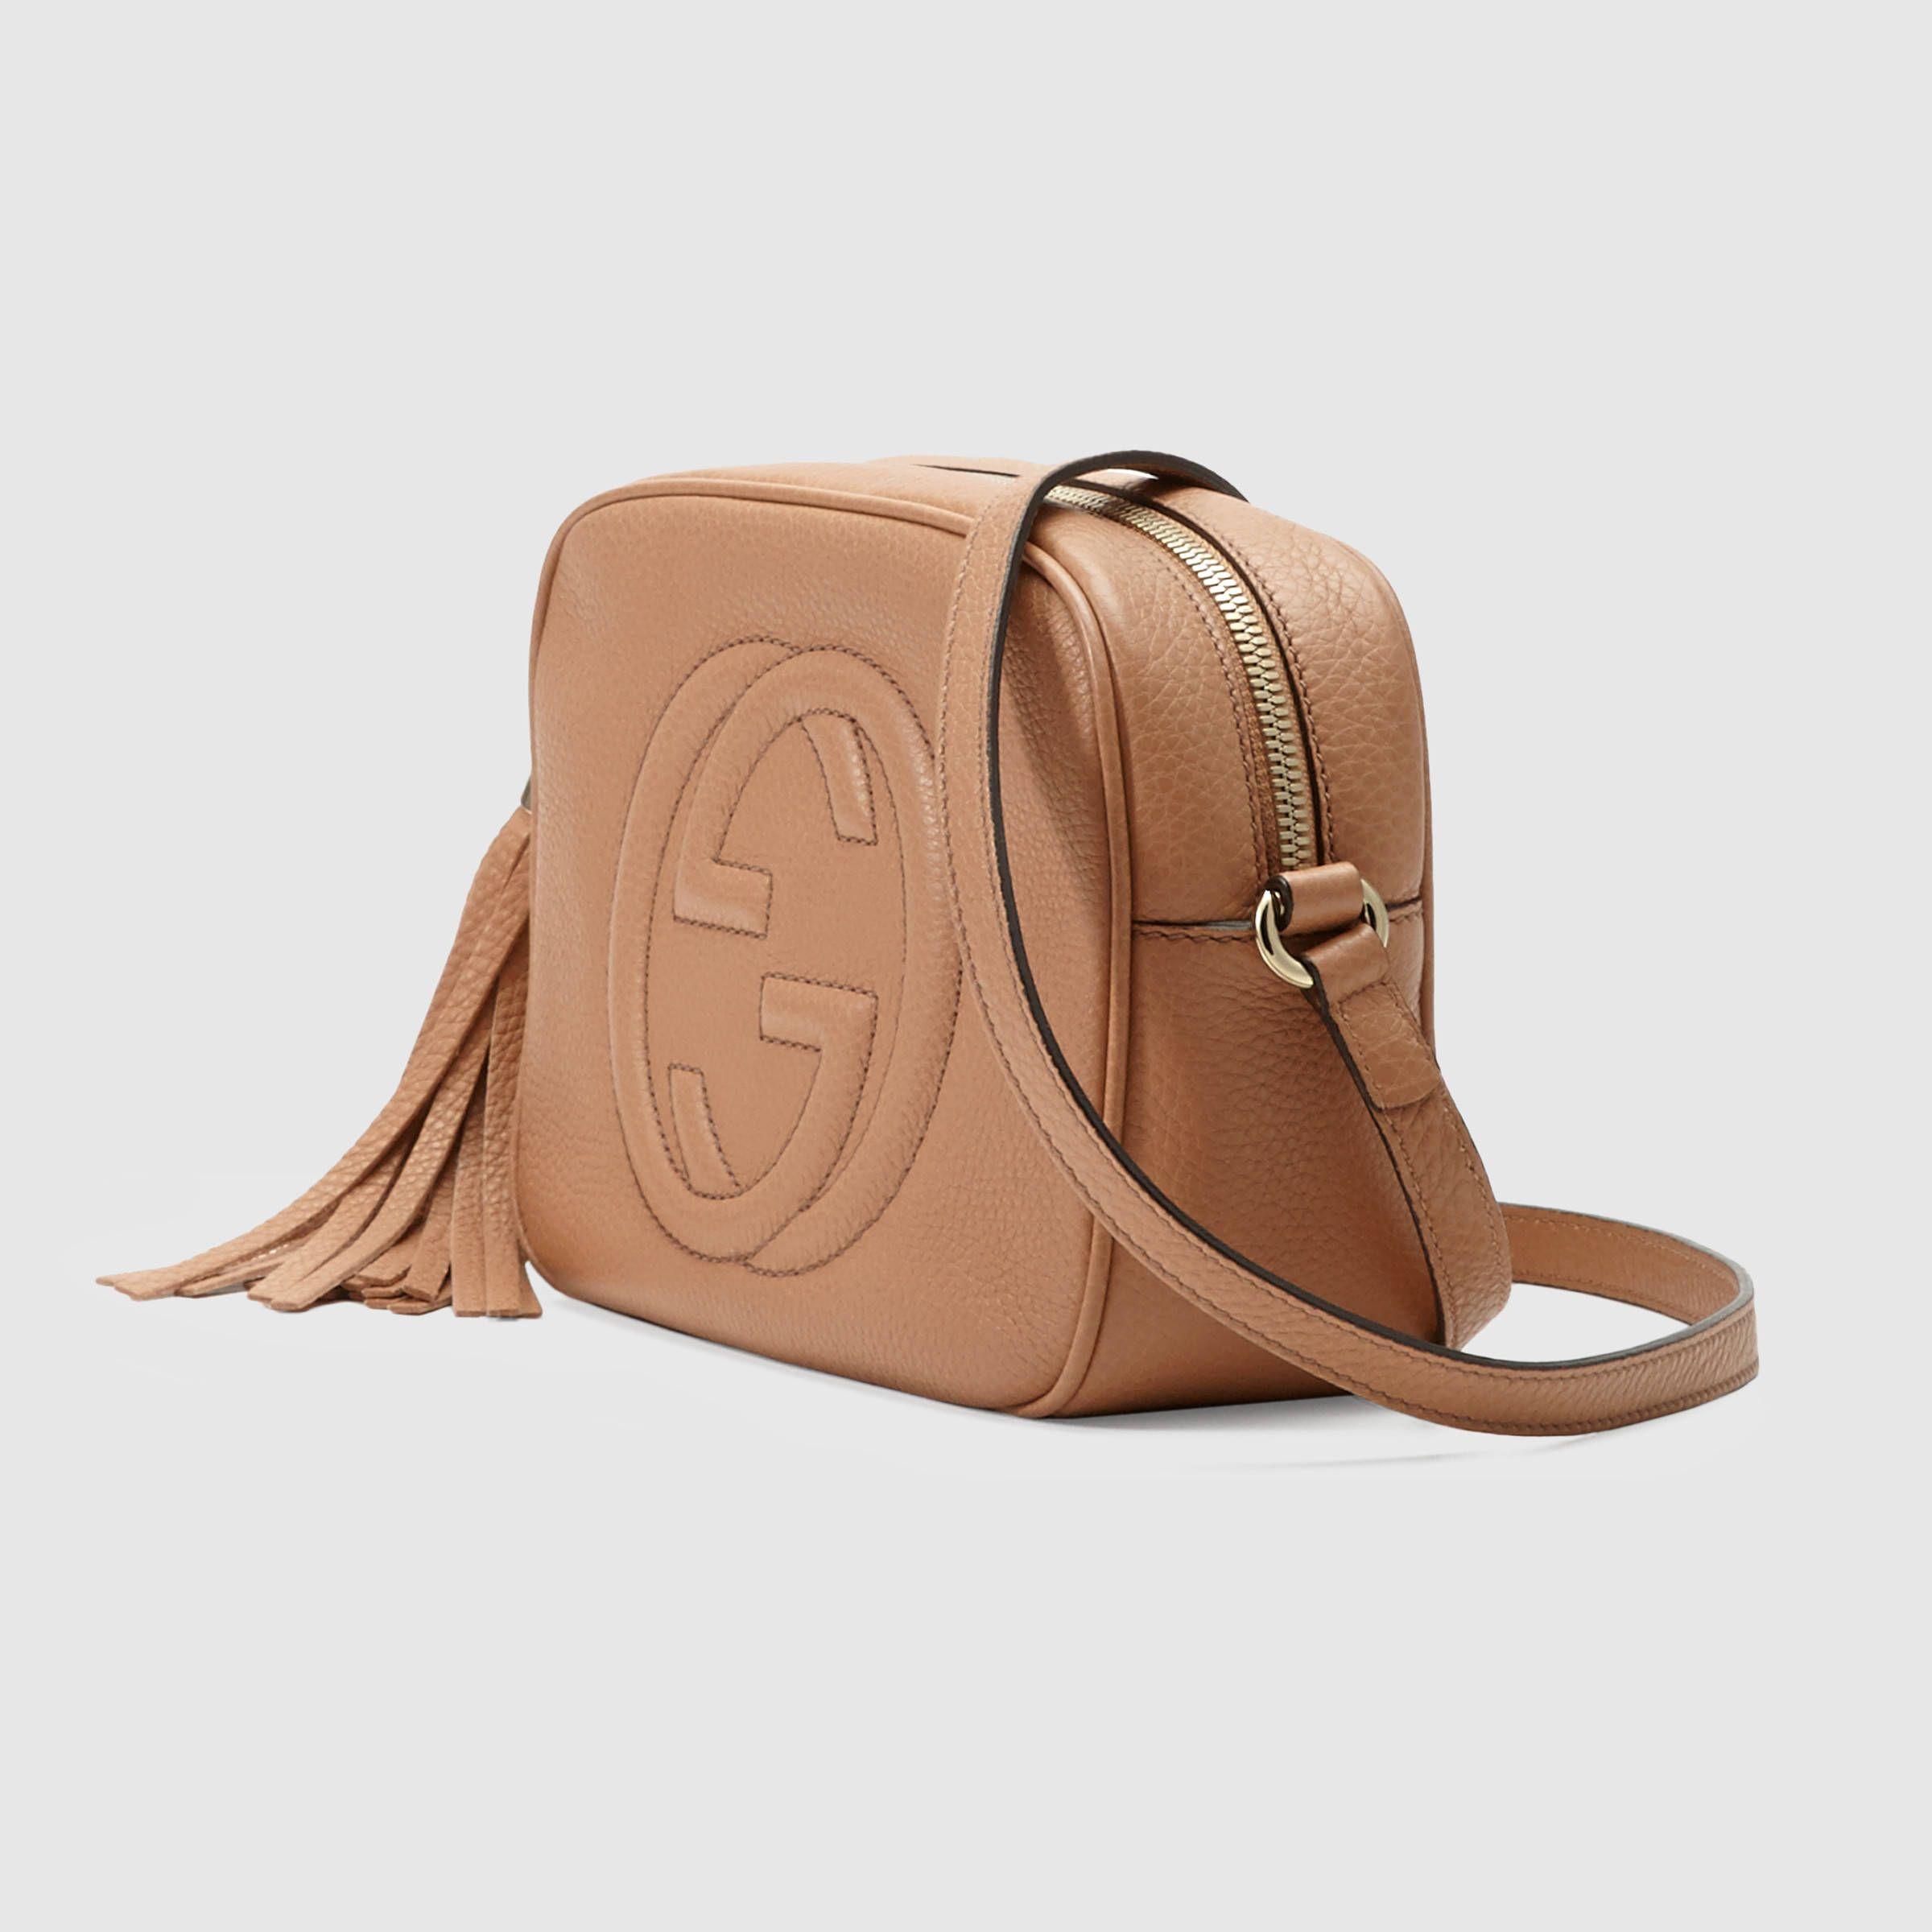 da98e567e038 Soho small leather disco bag | Save Up For These | Gucci mini bag ...